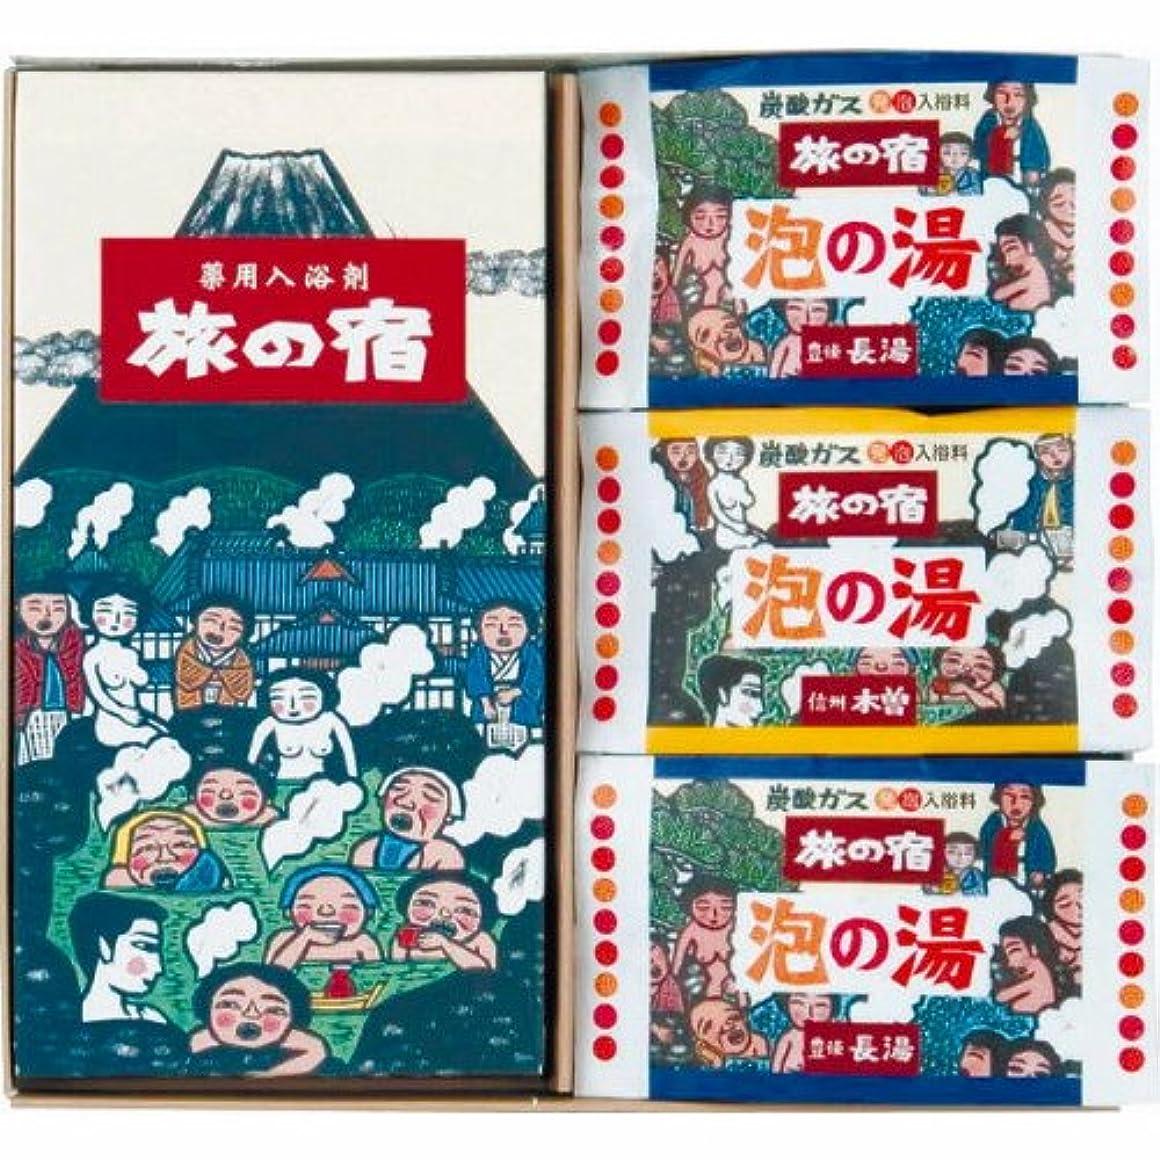 第高原悪化するクラシエ 旅の宿セット【B倉庫】